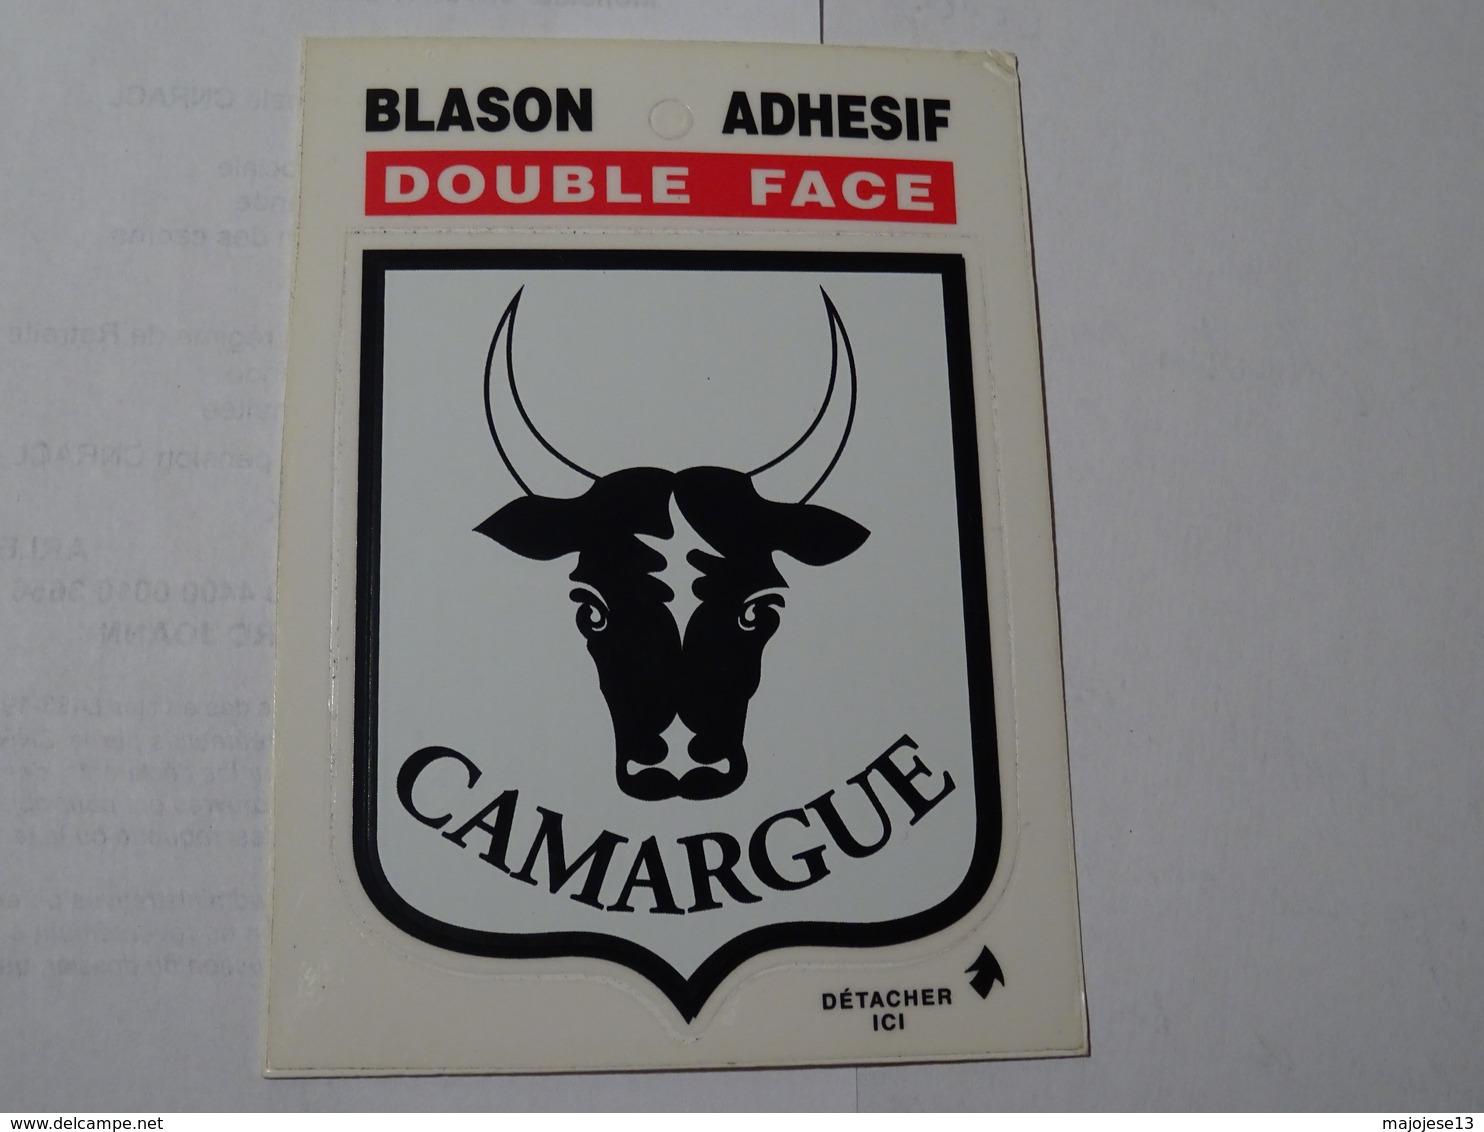 Blason écusson Autocollant Adhésif Sticker Camargue, Tête De Taureau, Aufkleber Wappen, Adesivi Stemma - Obj. 'Souvenir De'